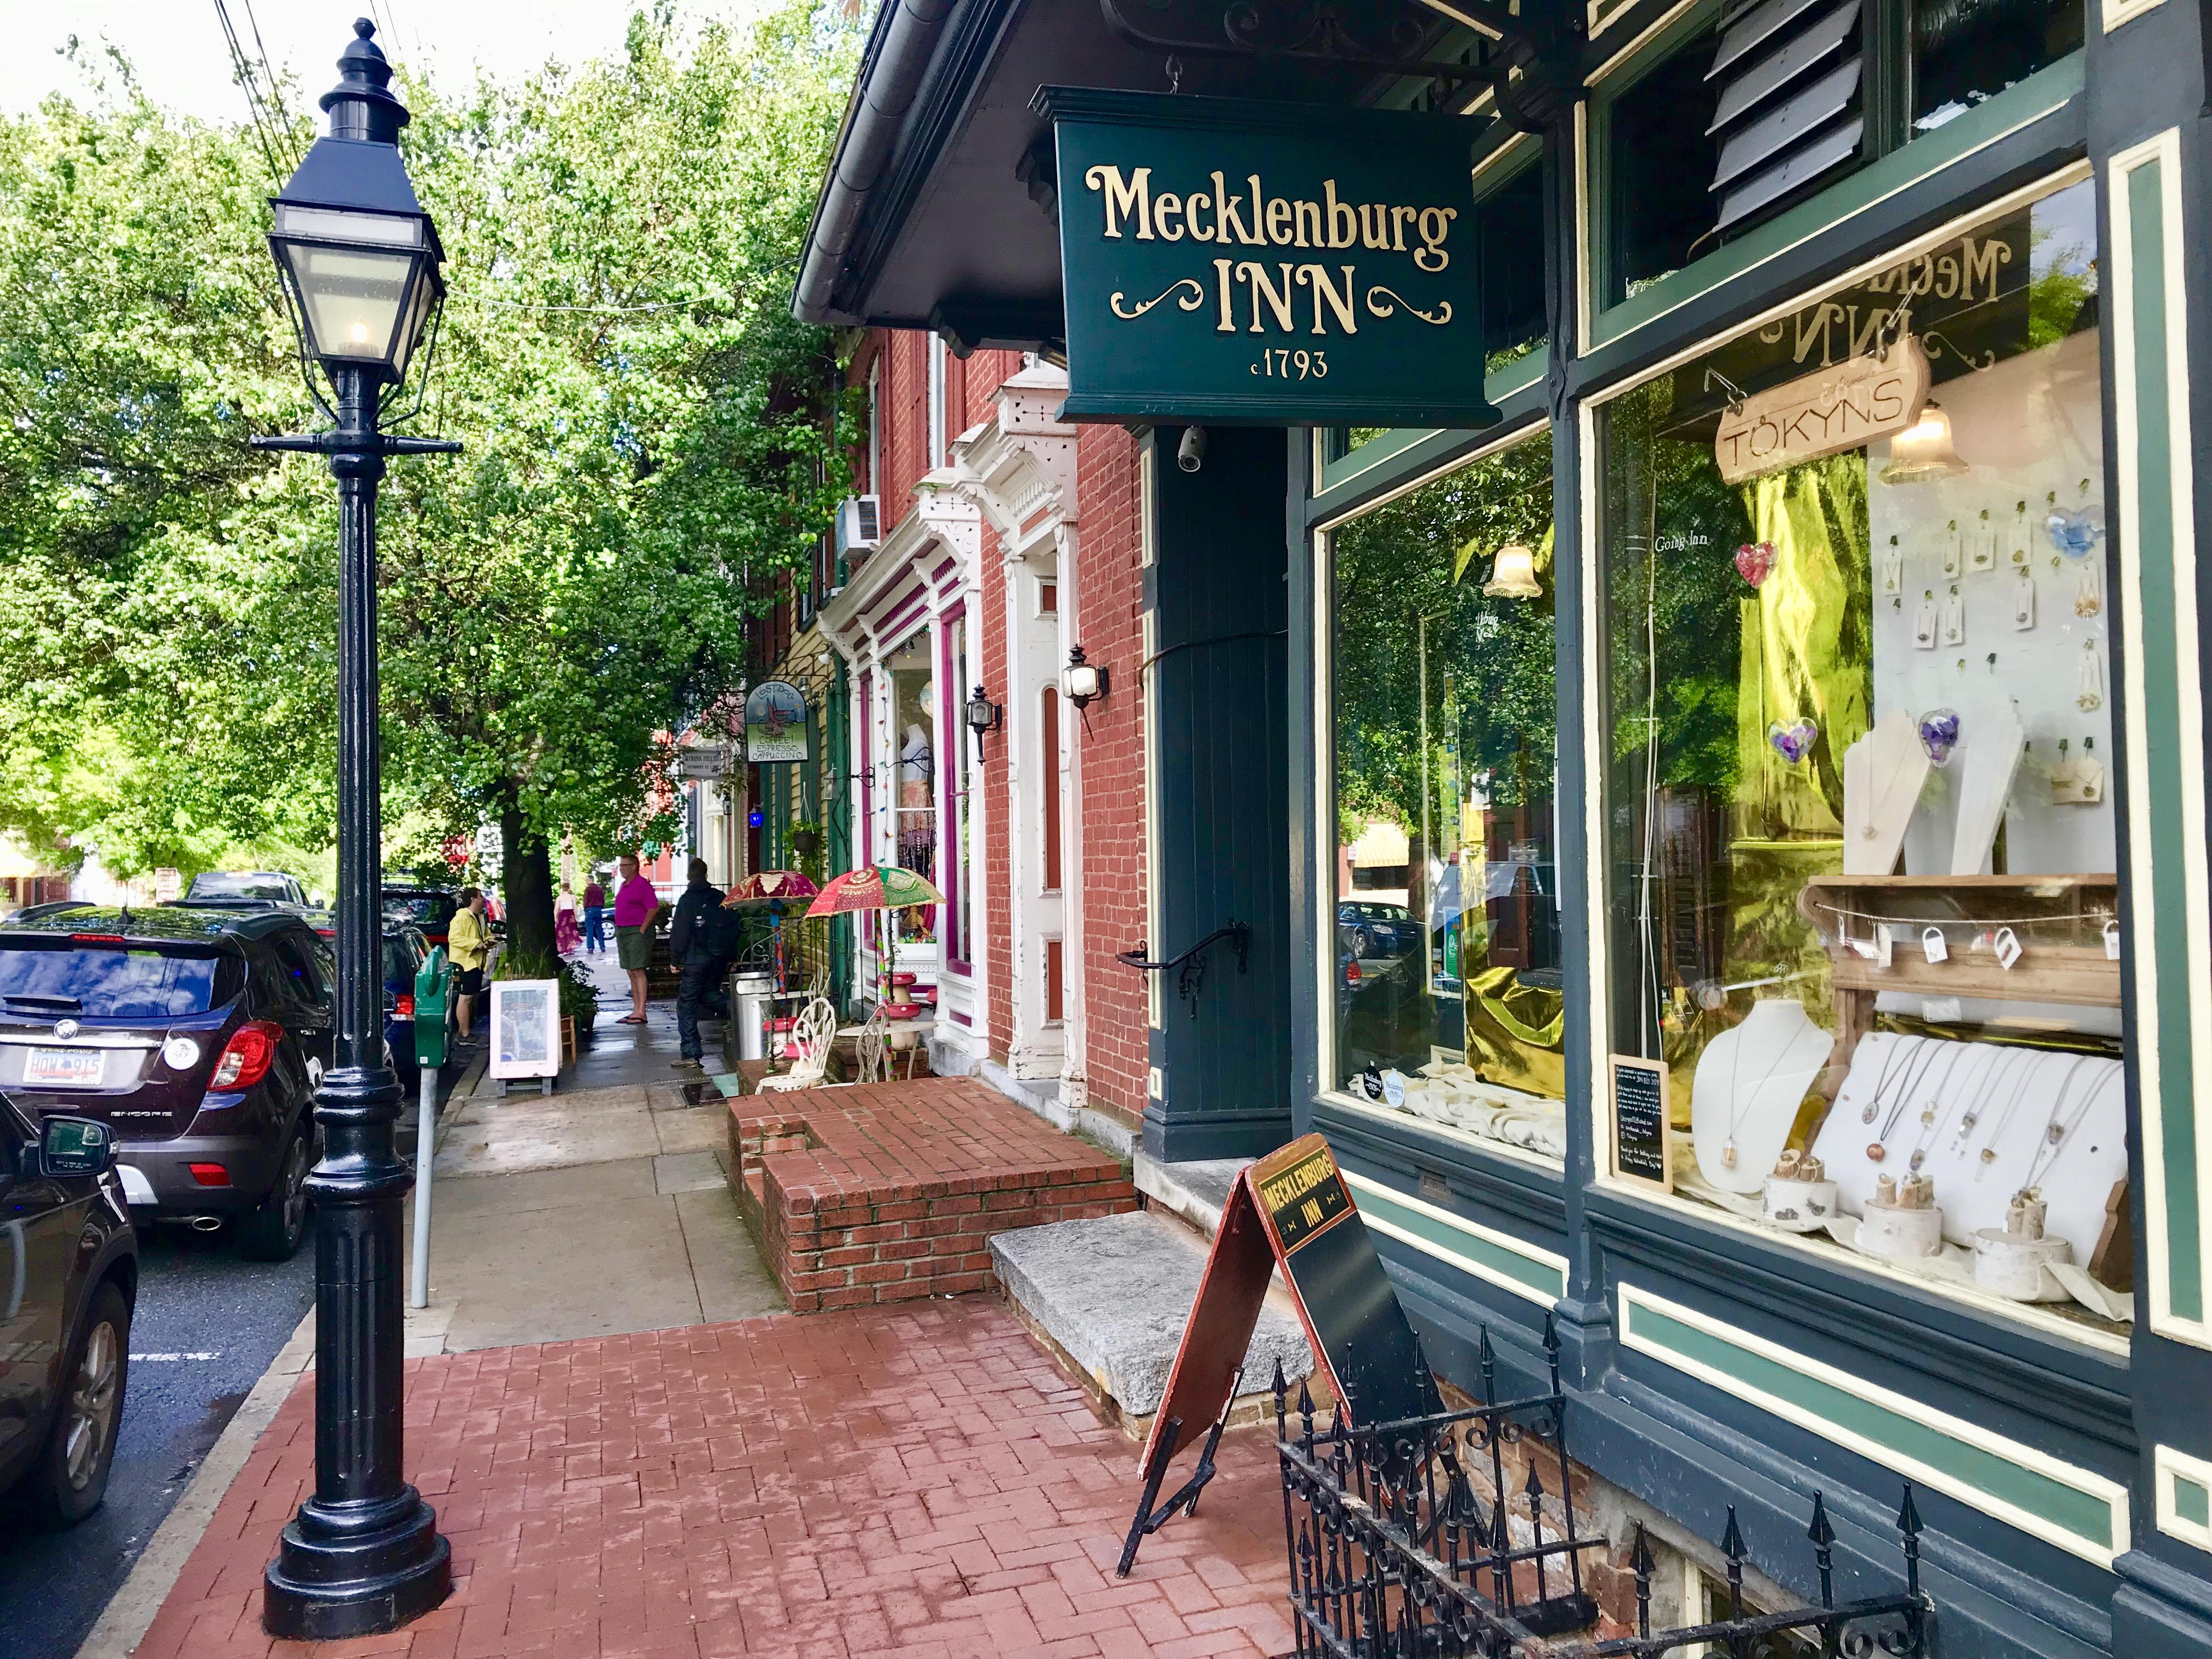 Mecklenburg Inn